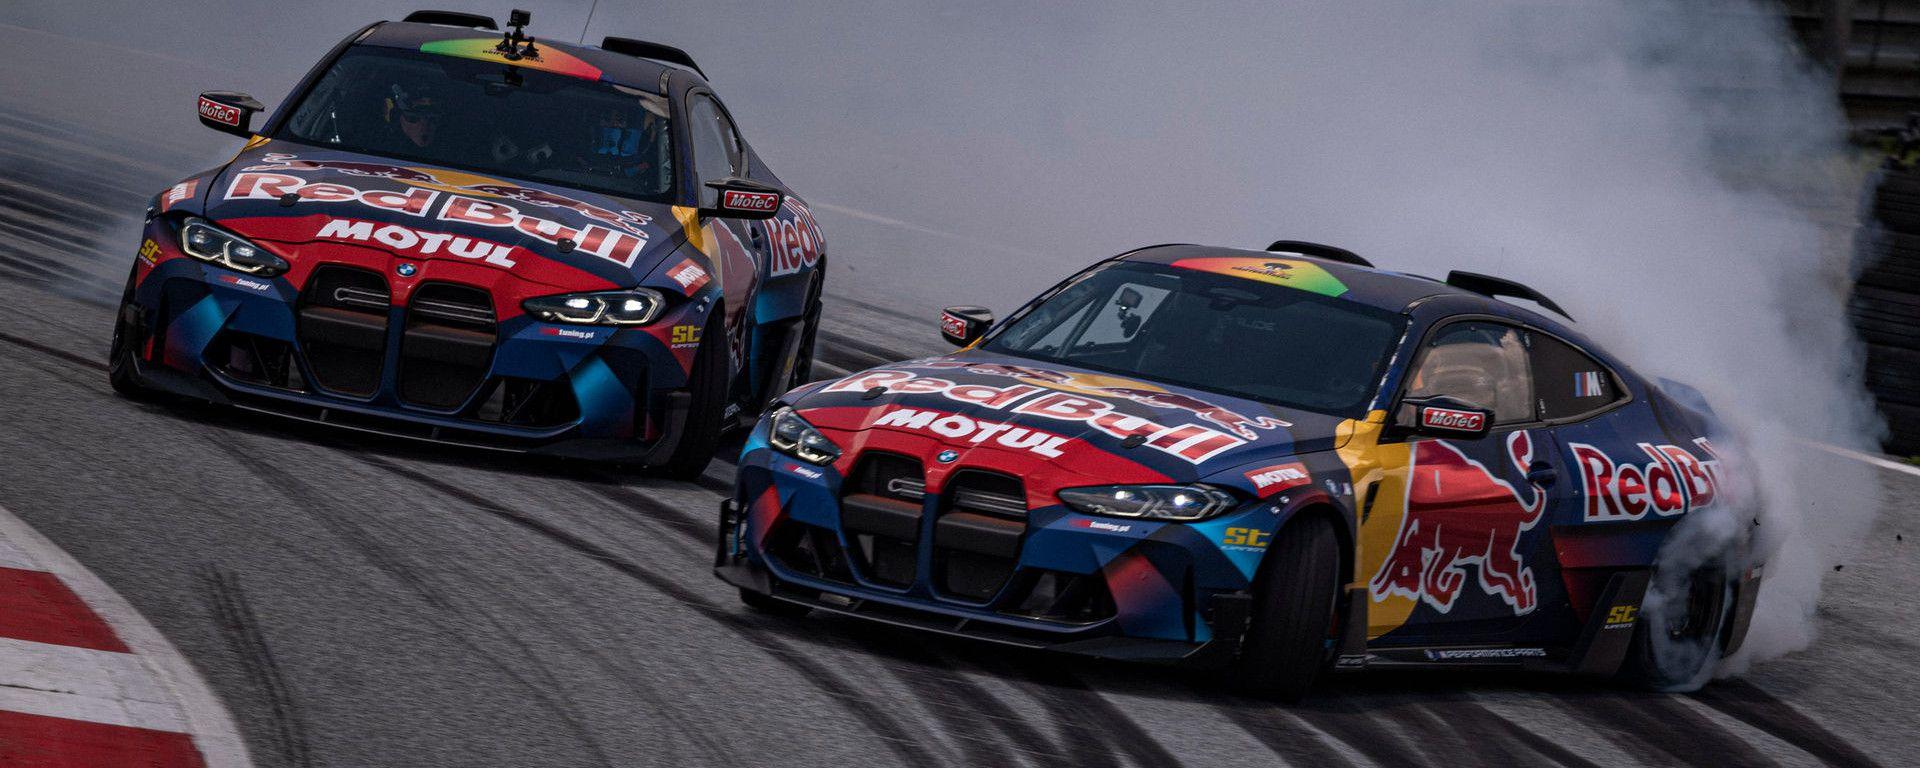 Le BMW M4 Competition preparate per il campionato drifting